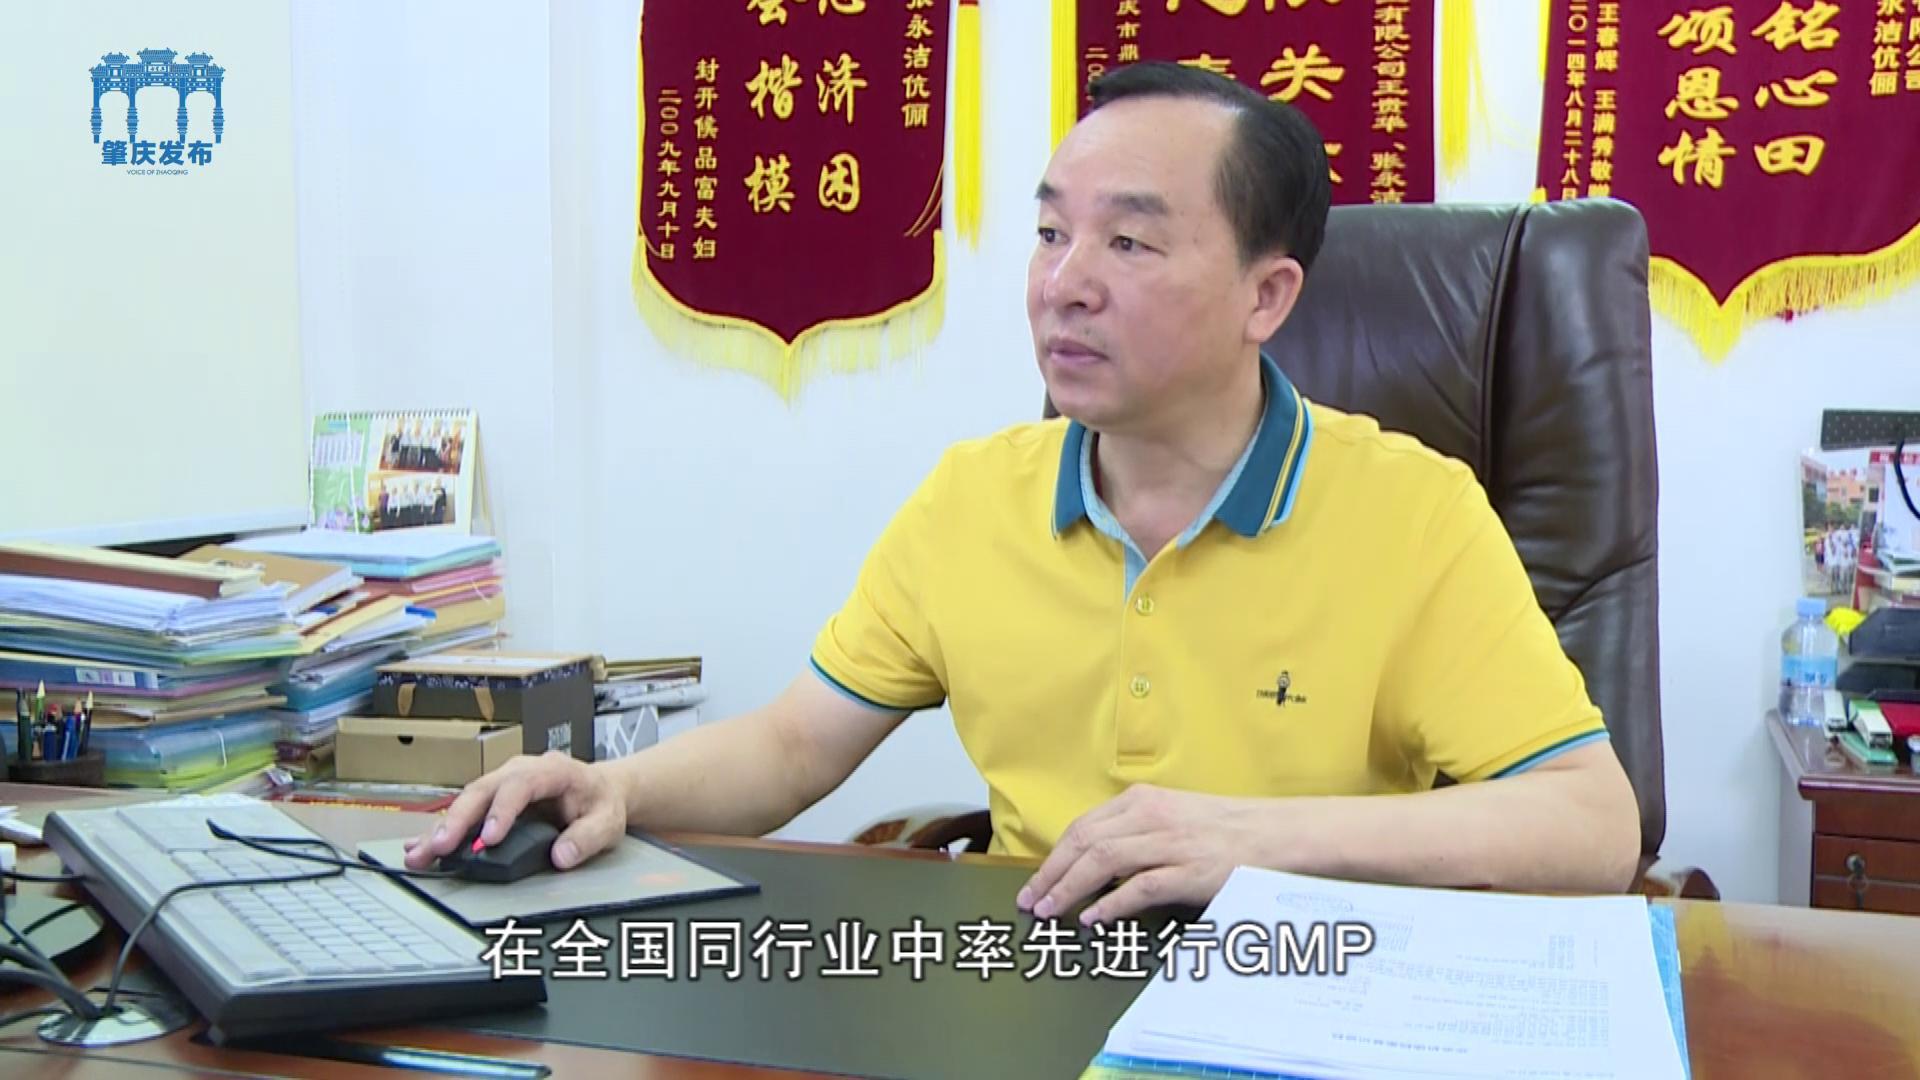 从基层员工到上市公司董事长的传奇人生——记肇庆市超能实业有限公司董事长王贵华